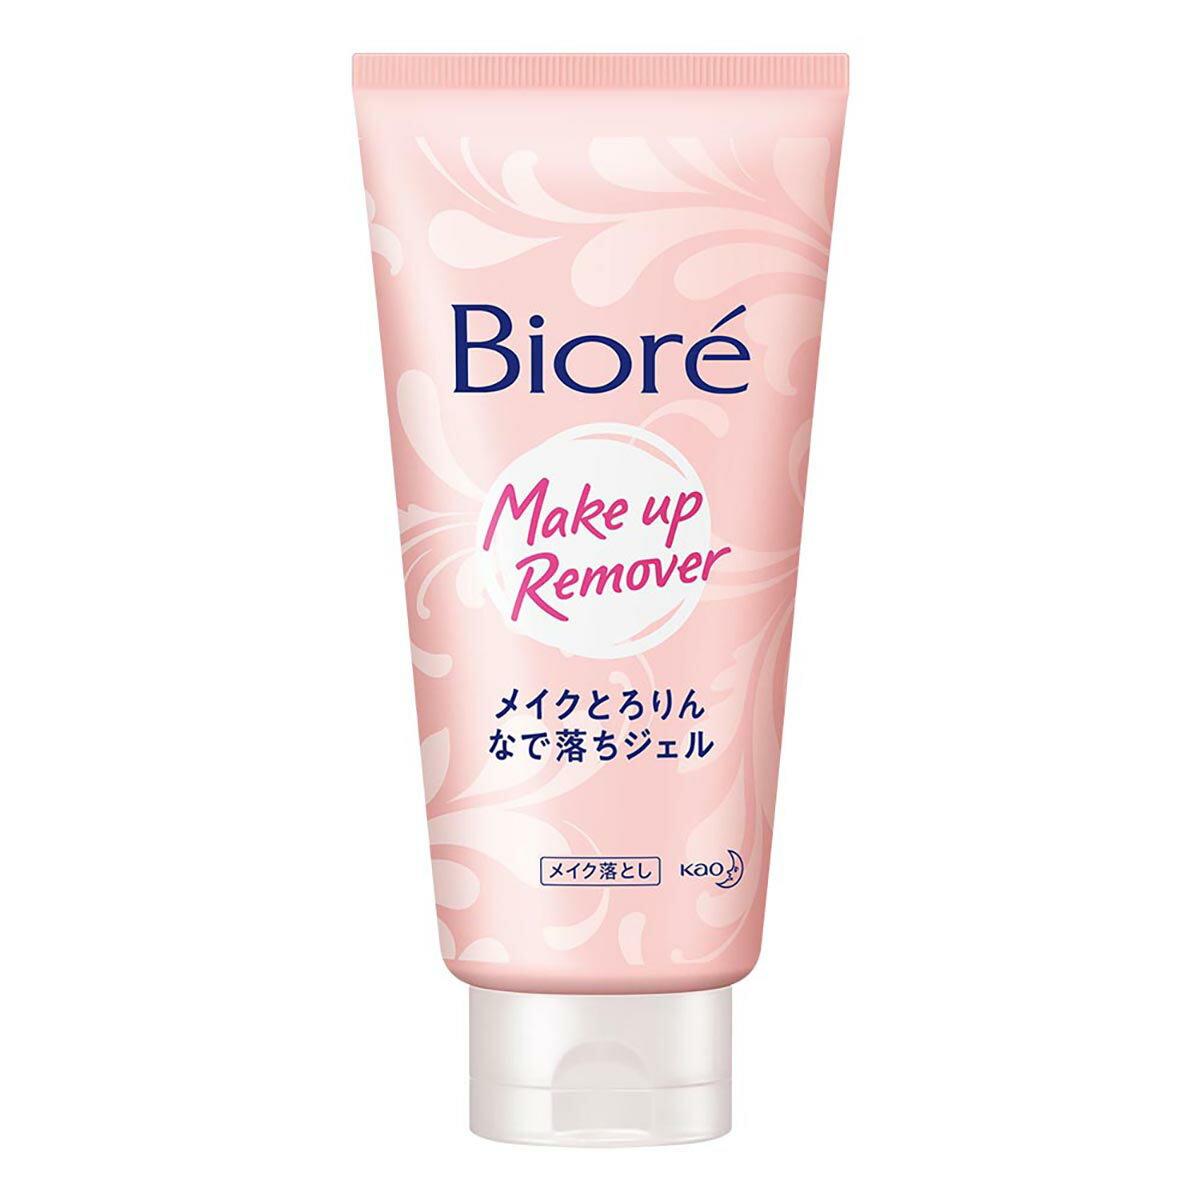 【Biore蜜妮】輕感卸妝精華蜜 170g